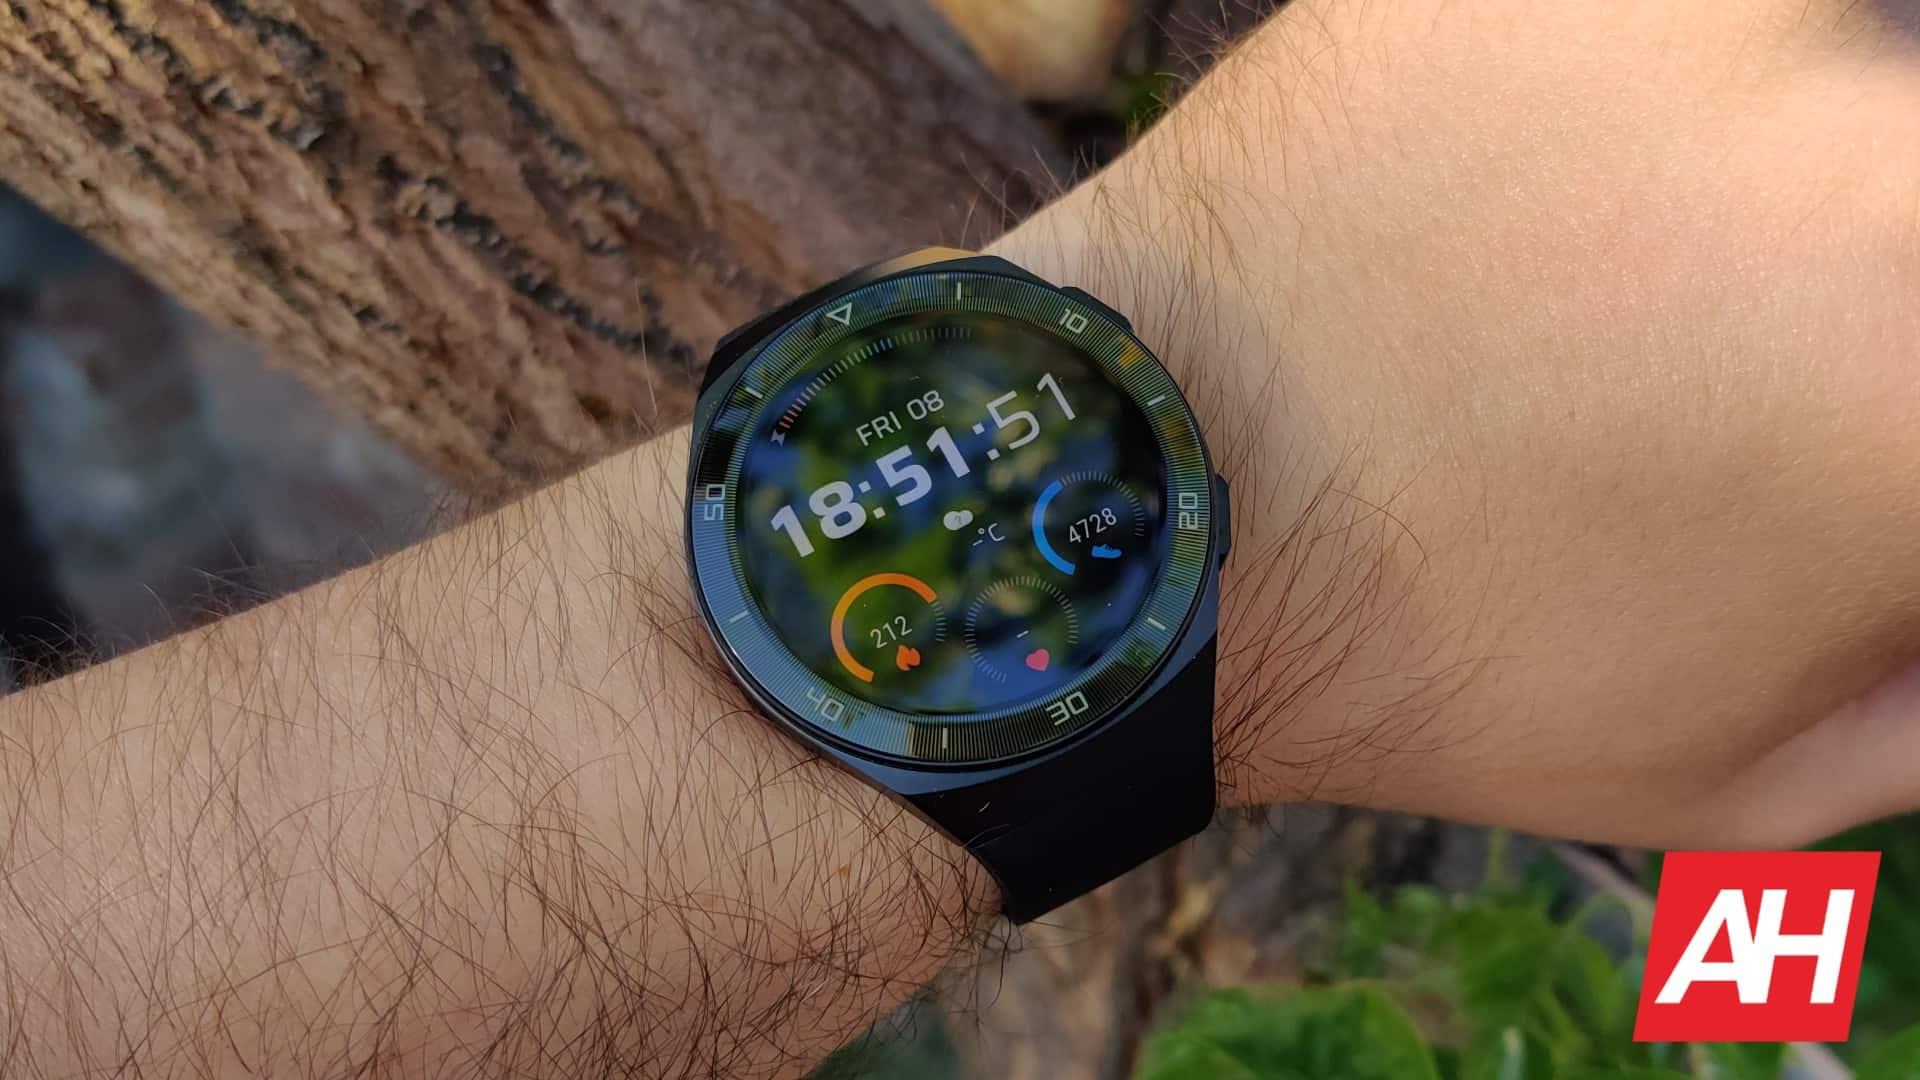 AH Huawei Watch GT 2e image 52